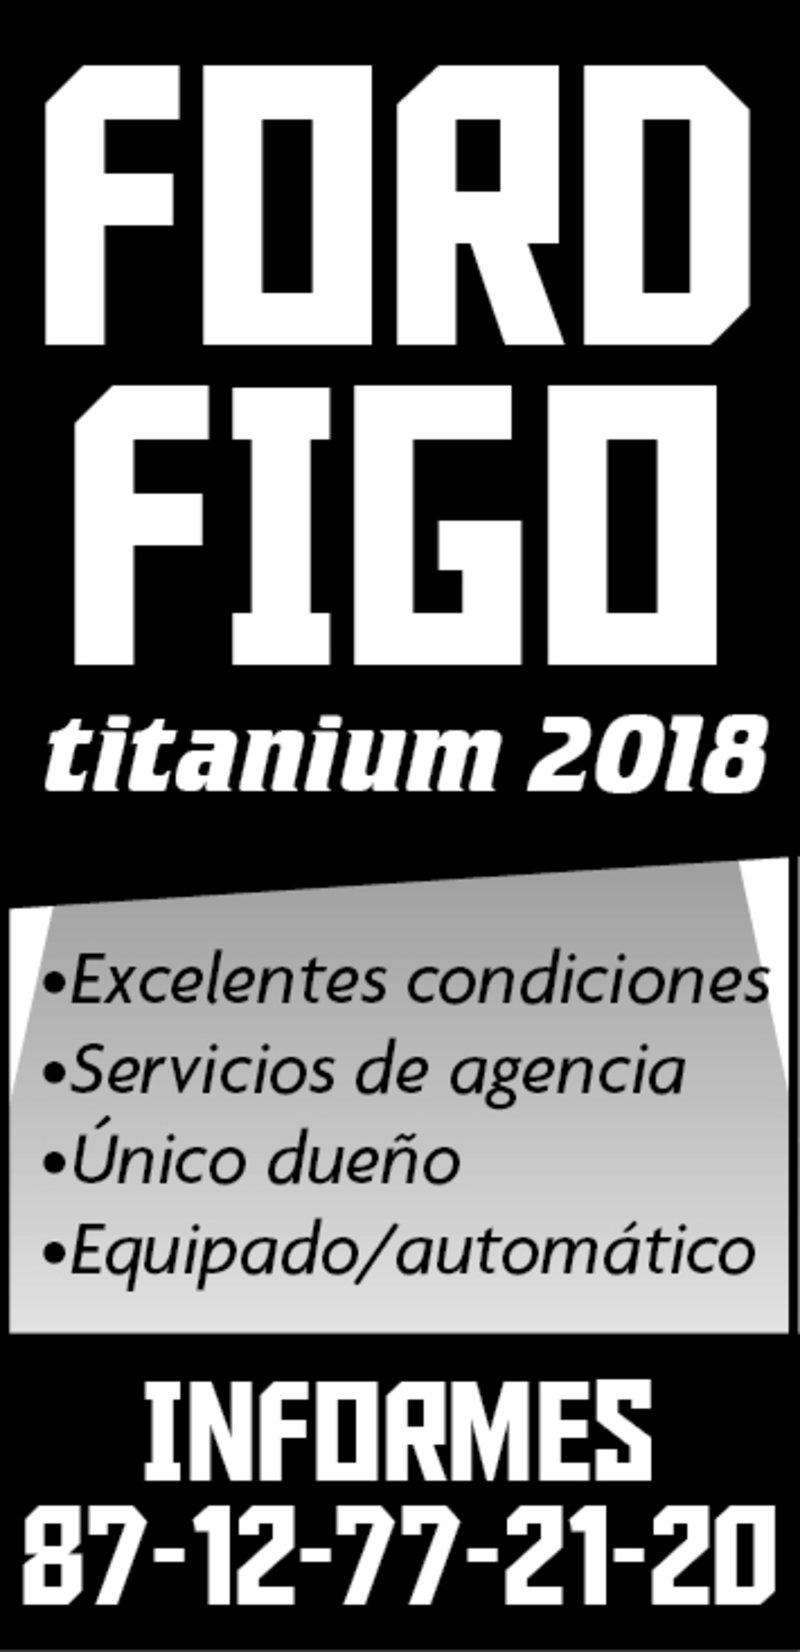 Ford figo titanium 2018, excelentes condiciones, servicios de agencia, único dueño, equipado automático, informes: 87-12-77-21-20.